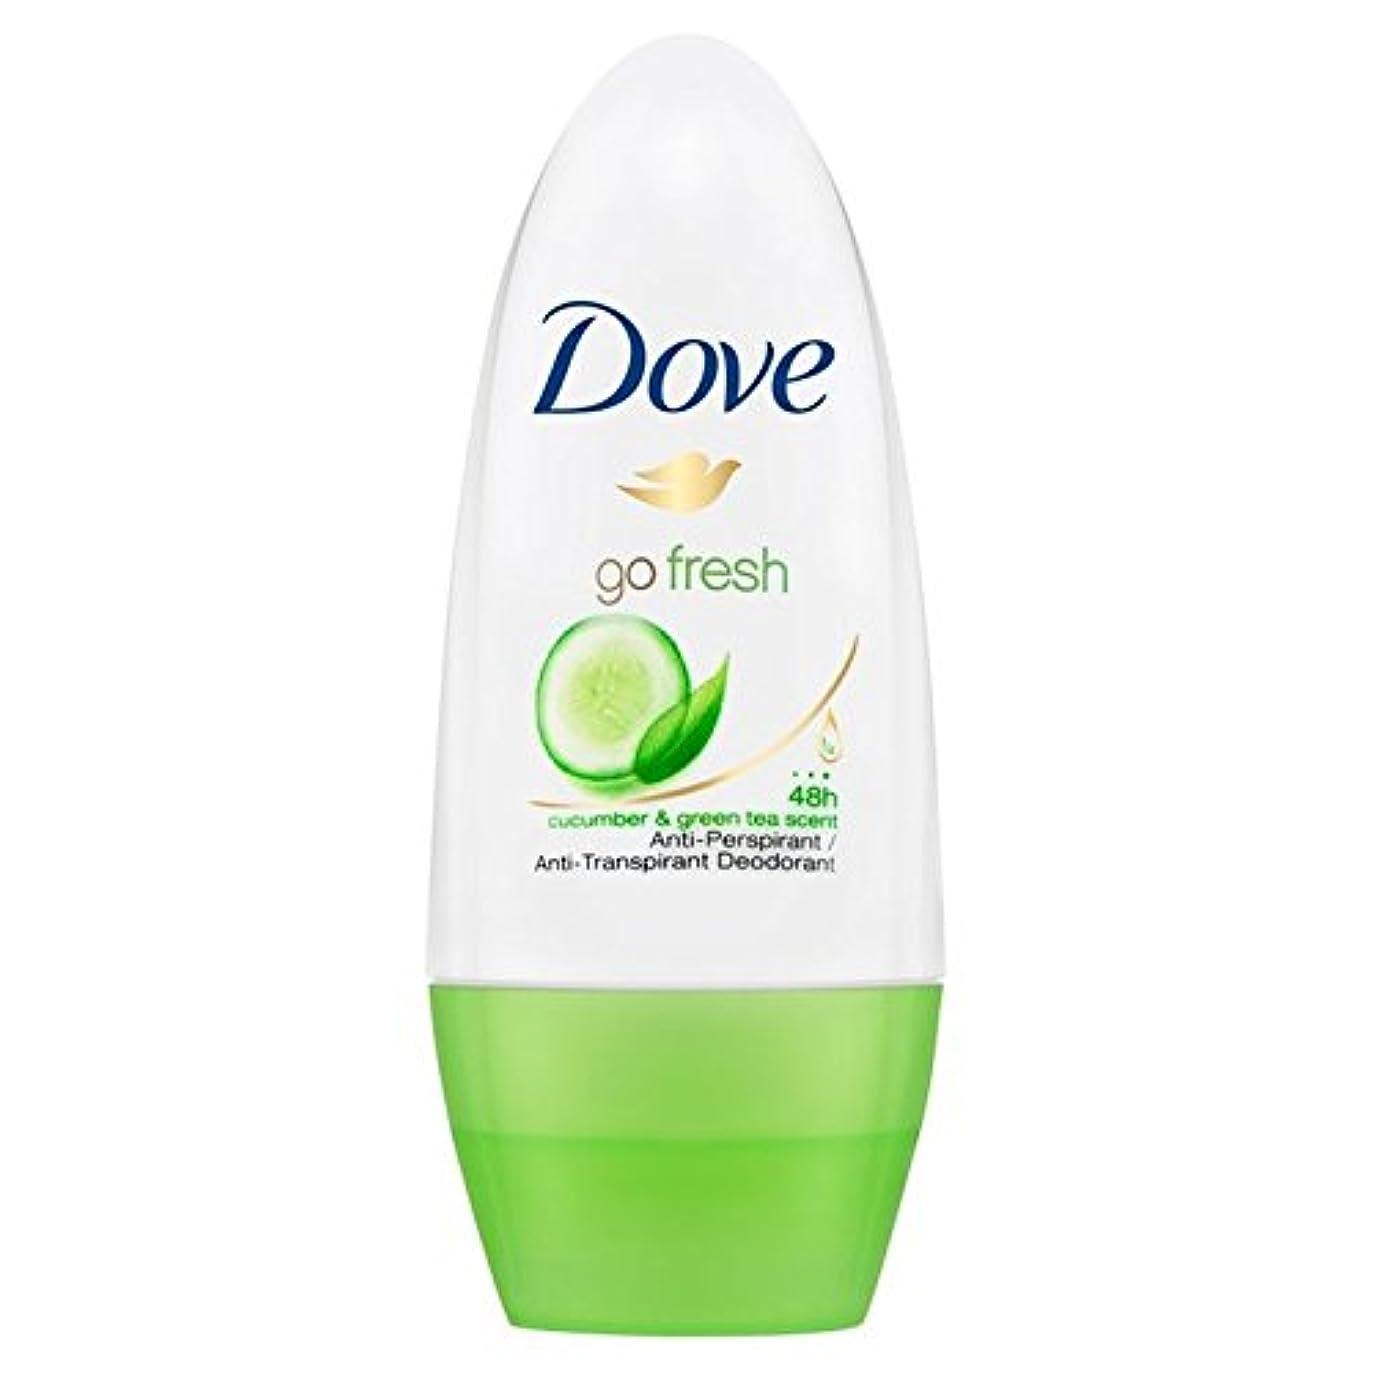 バリケード後部分的にDove Go Fresh Cucumber Roll-On Anti-Perspirant Deodorant 50ml - 新鮮なキュウリロールオン制汗デオドラント50ミリリットルを行く鳩 [並行輸入品]